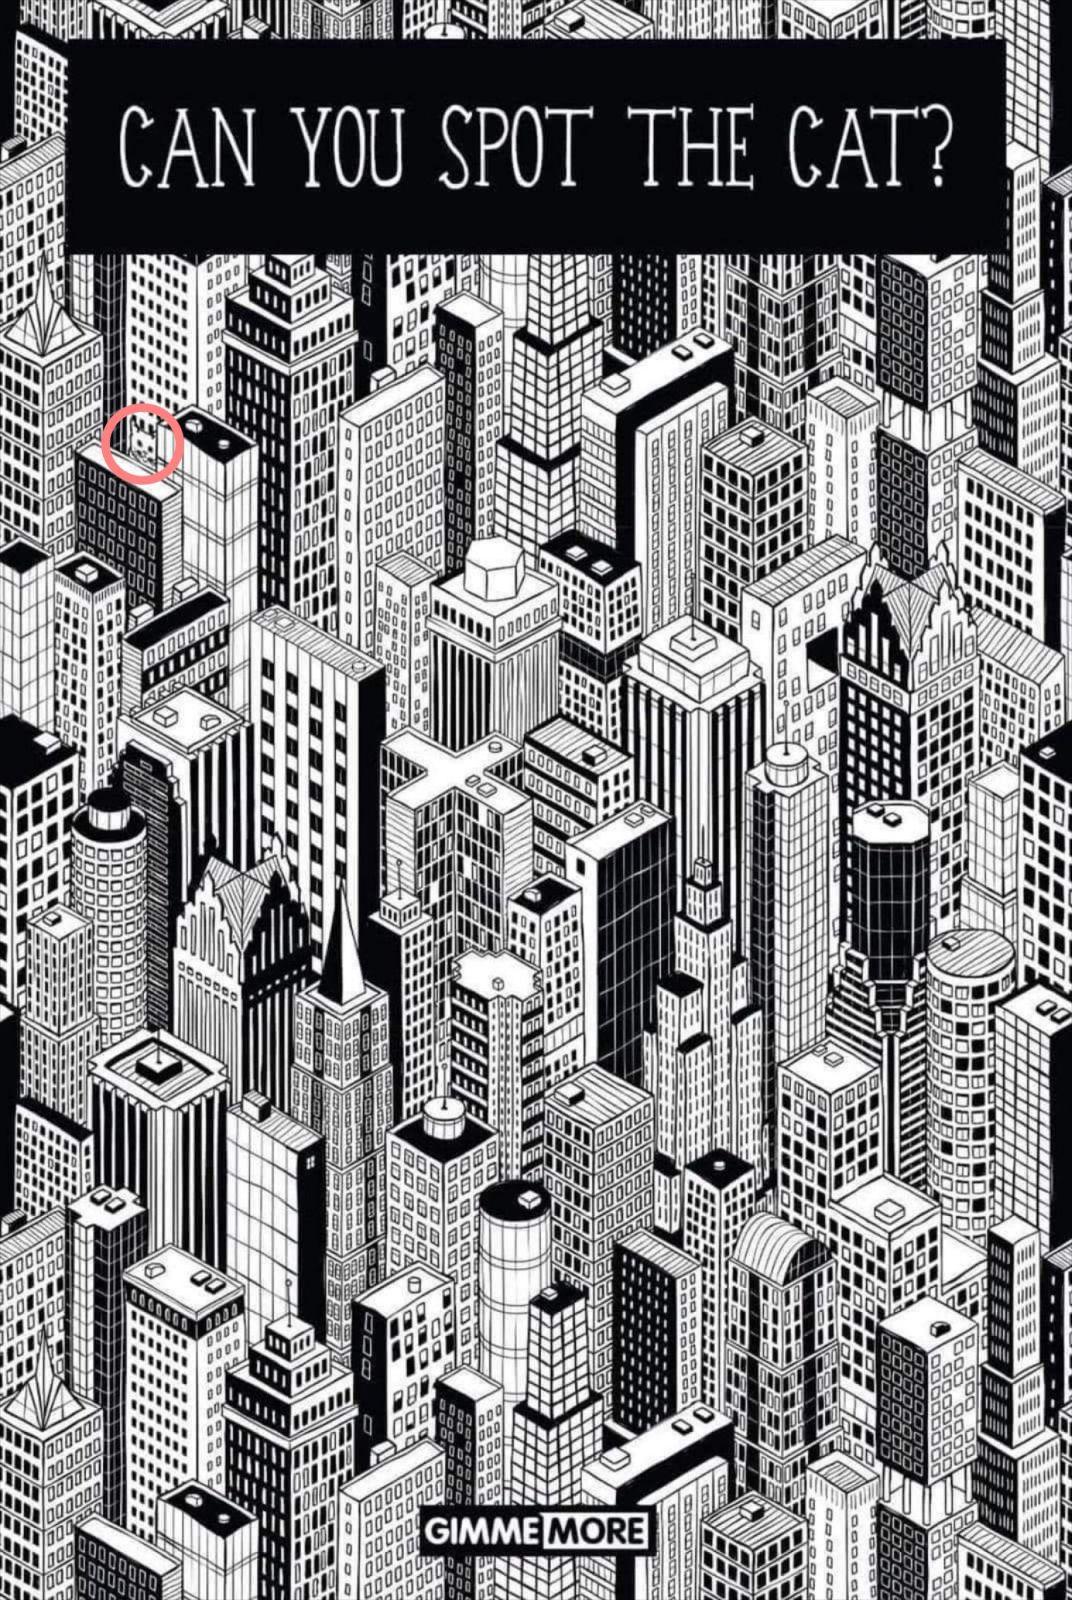 disegno-in-bianco-e-nero-di-città-con-gatto-nascosto